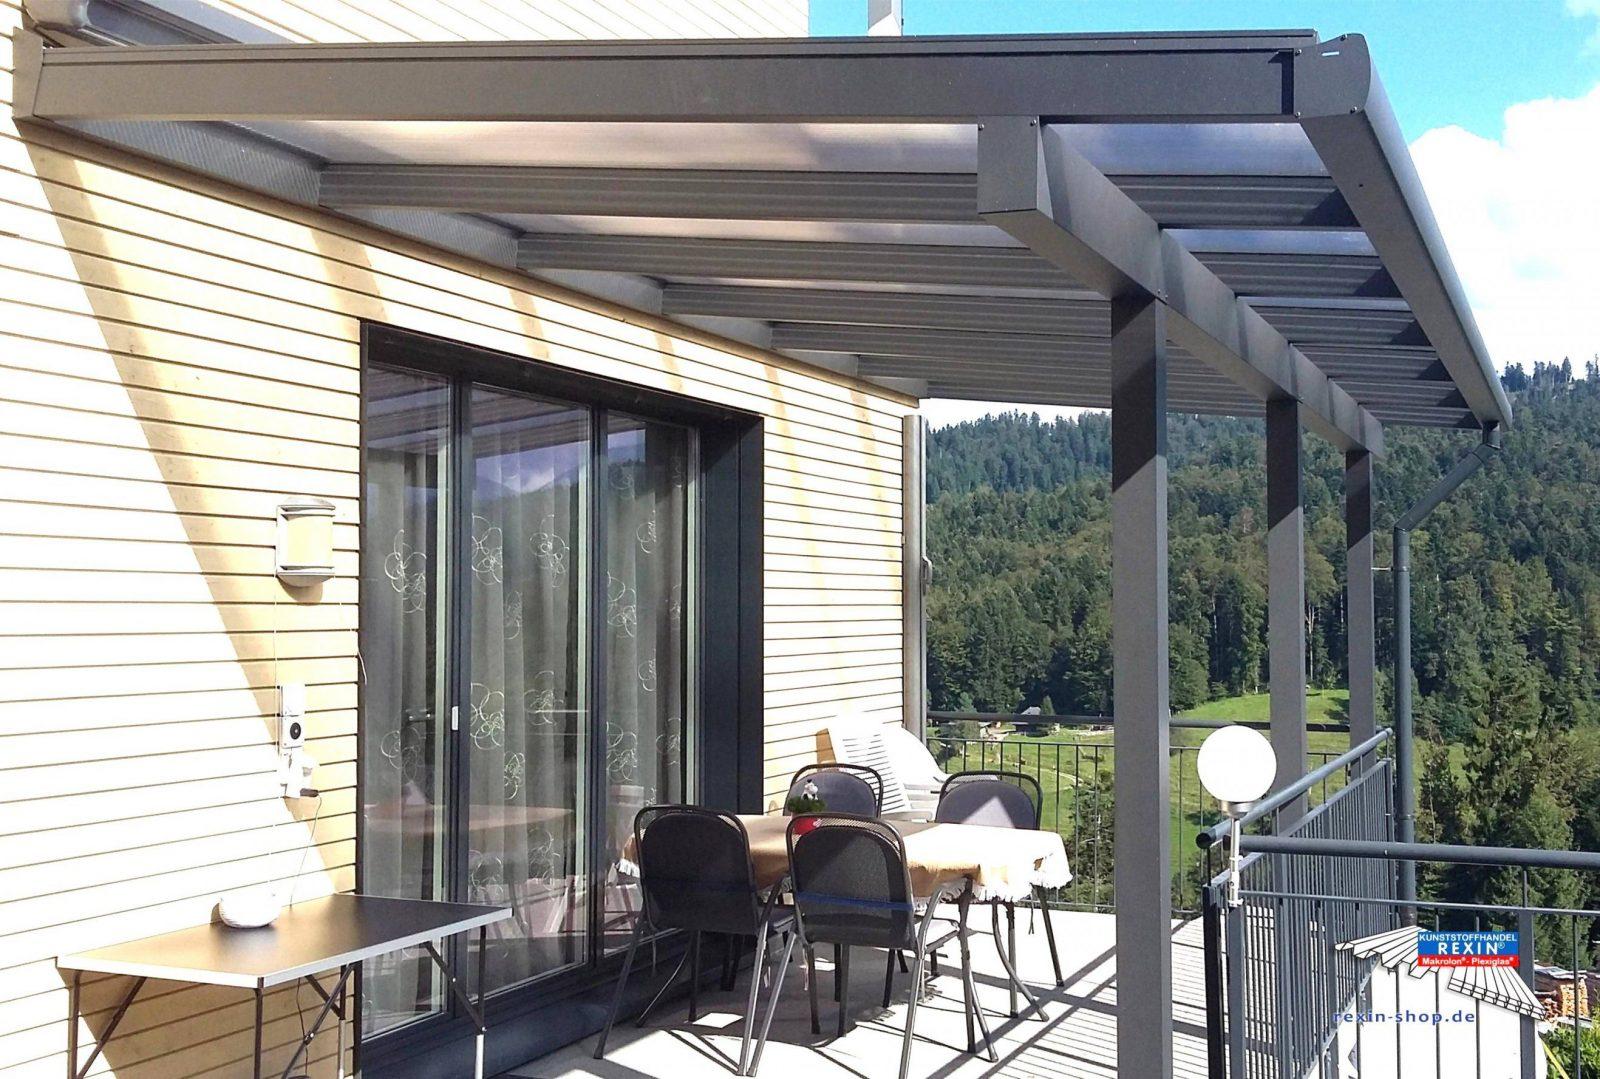 Windschutz Selber Machen Einzigartig 40 Balkon Sichtschutz Selber von Balkon Sichtschutz Selber Machen Bild